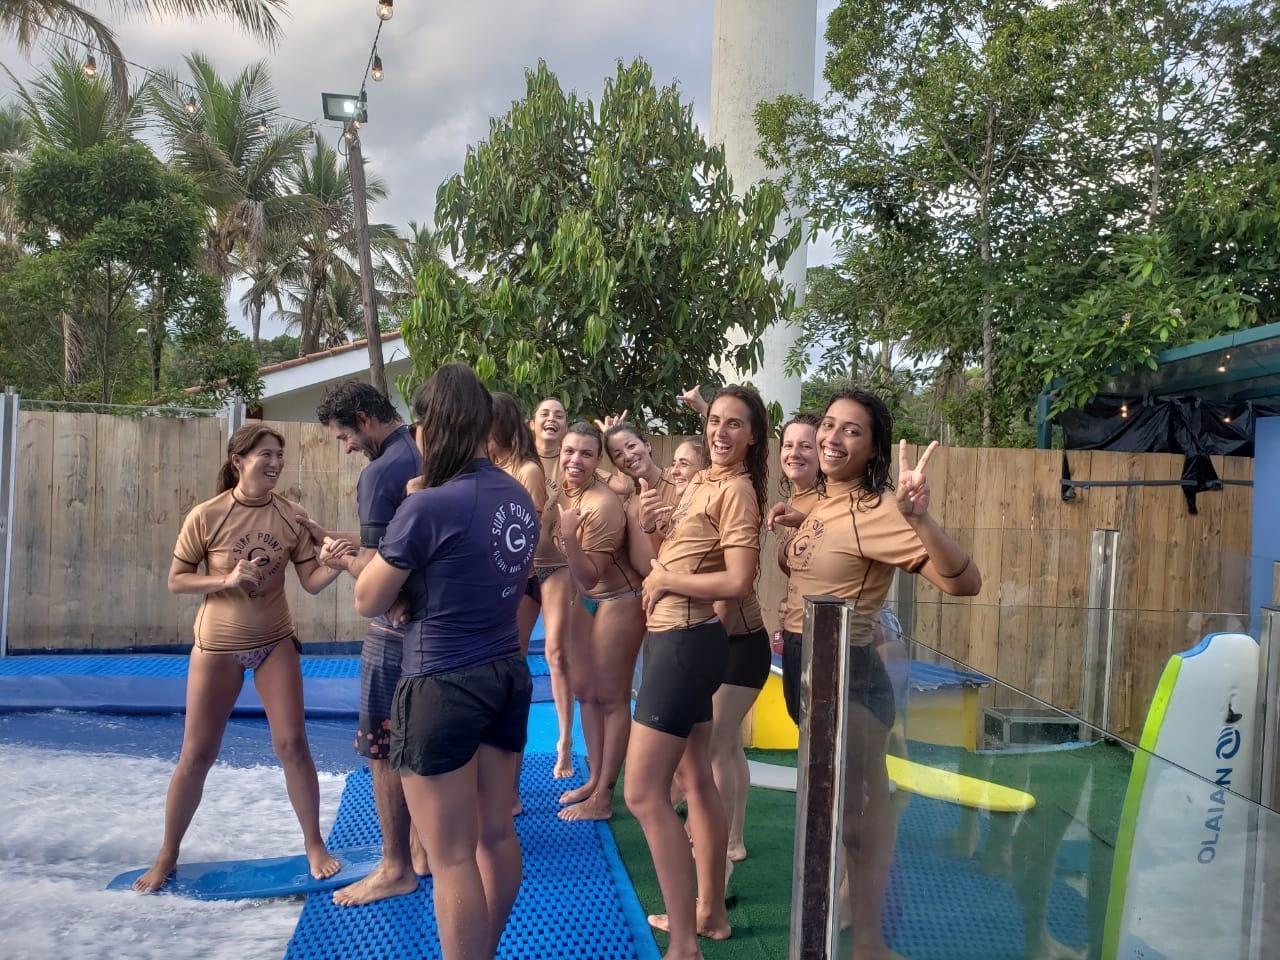 VivaBem no Verão  meninas do surfe encaram simulador de ondas - 21 01 2019  - UOL VivaBem 94e154d3c6